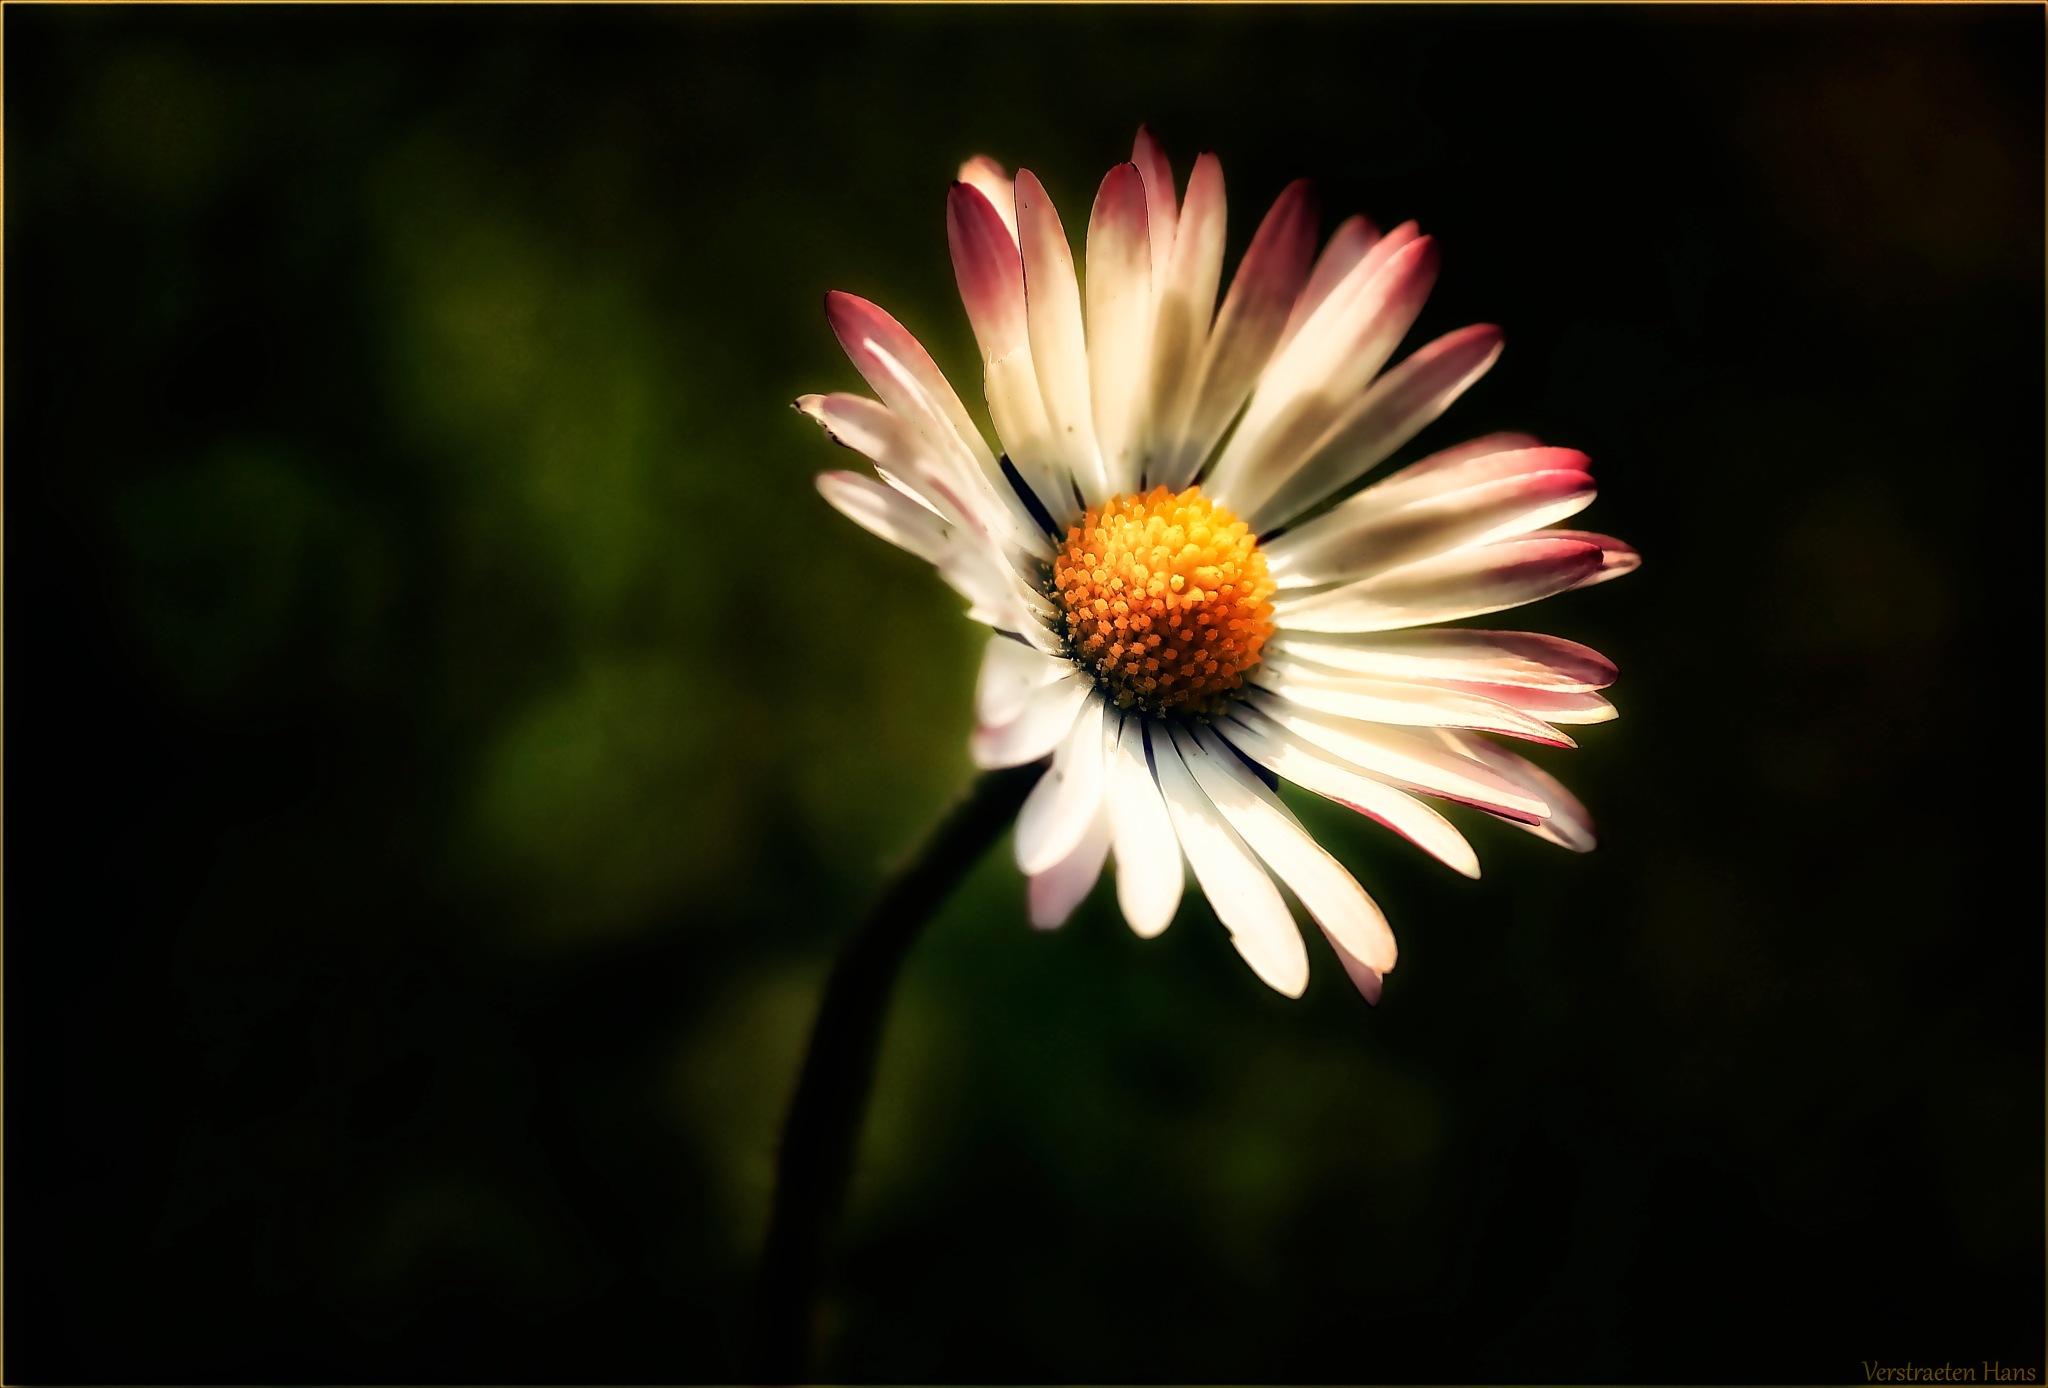 Daisy by zard319